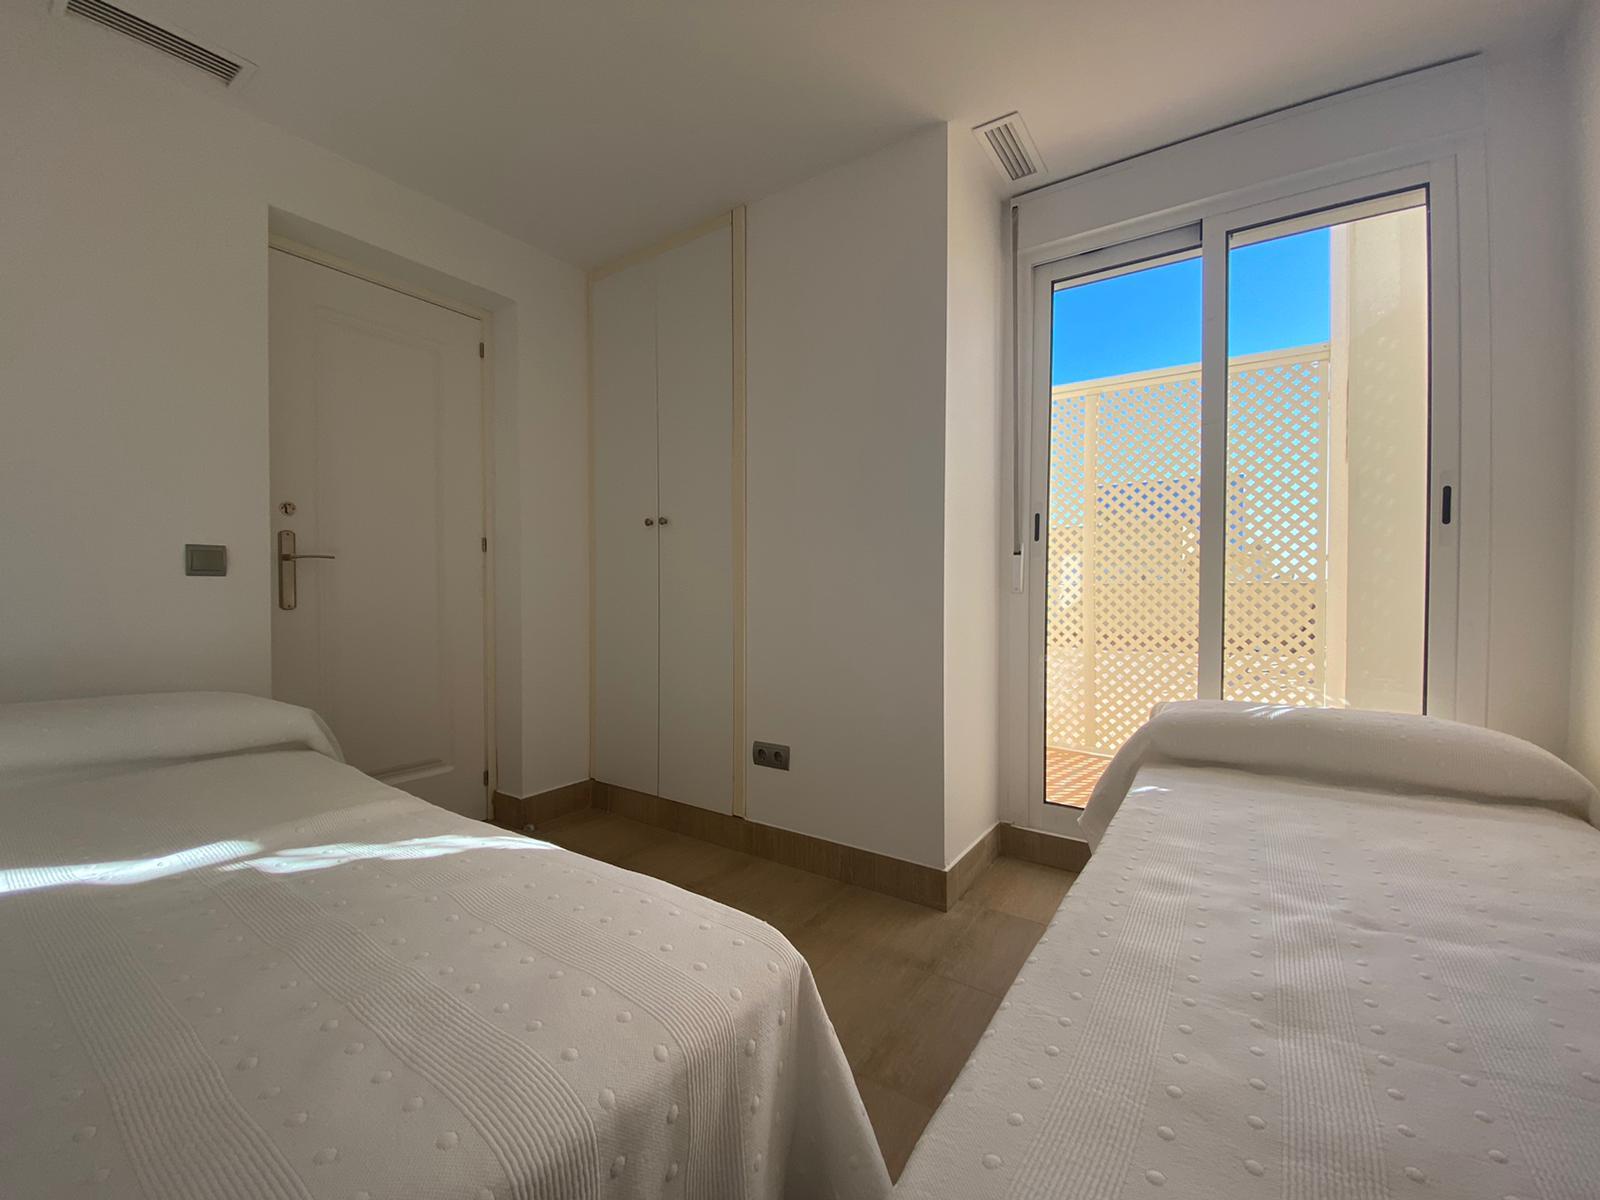 Imagen 23 del Apartamento Turístico, Ático 7 Levante (3d +2b), Punta del Moral (HUELVA), Paseo de la Cruz nº22